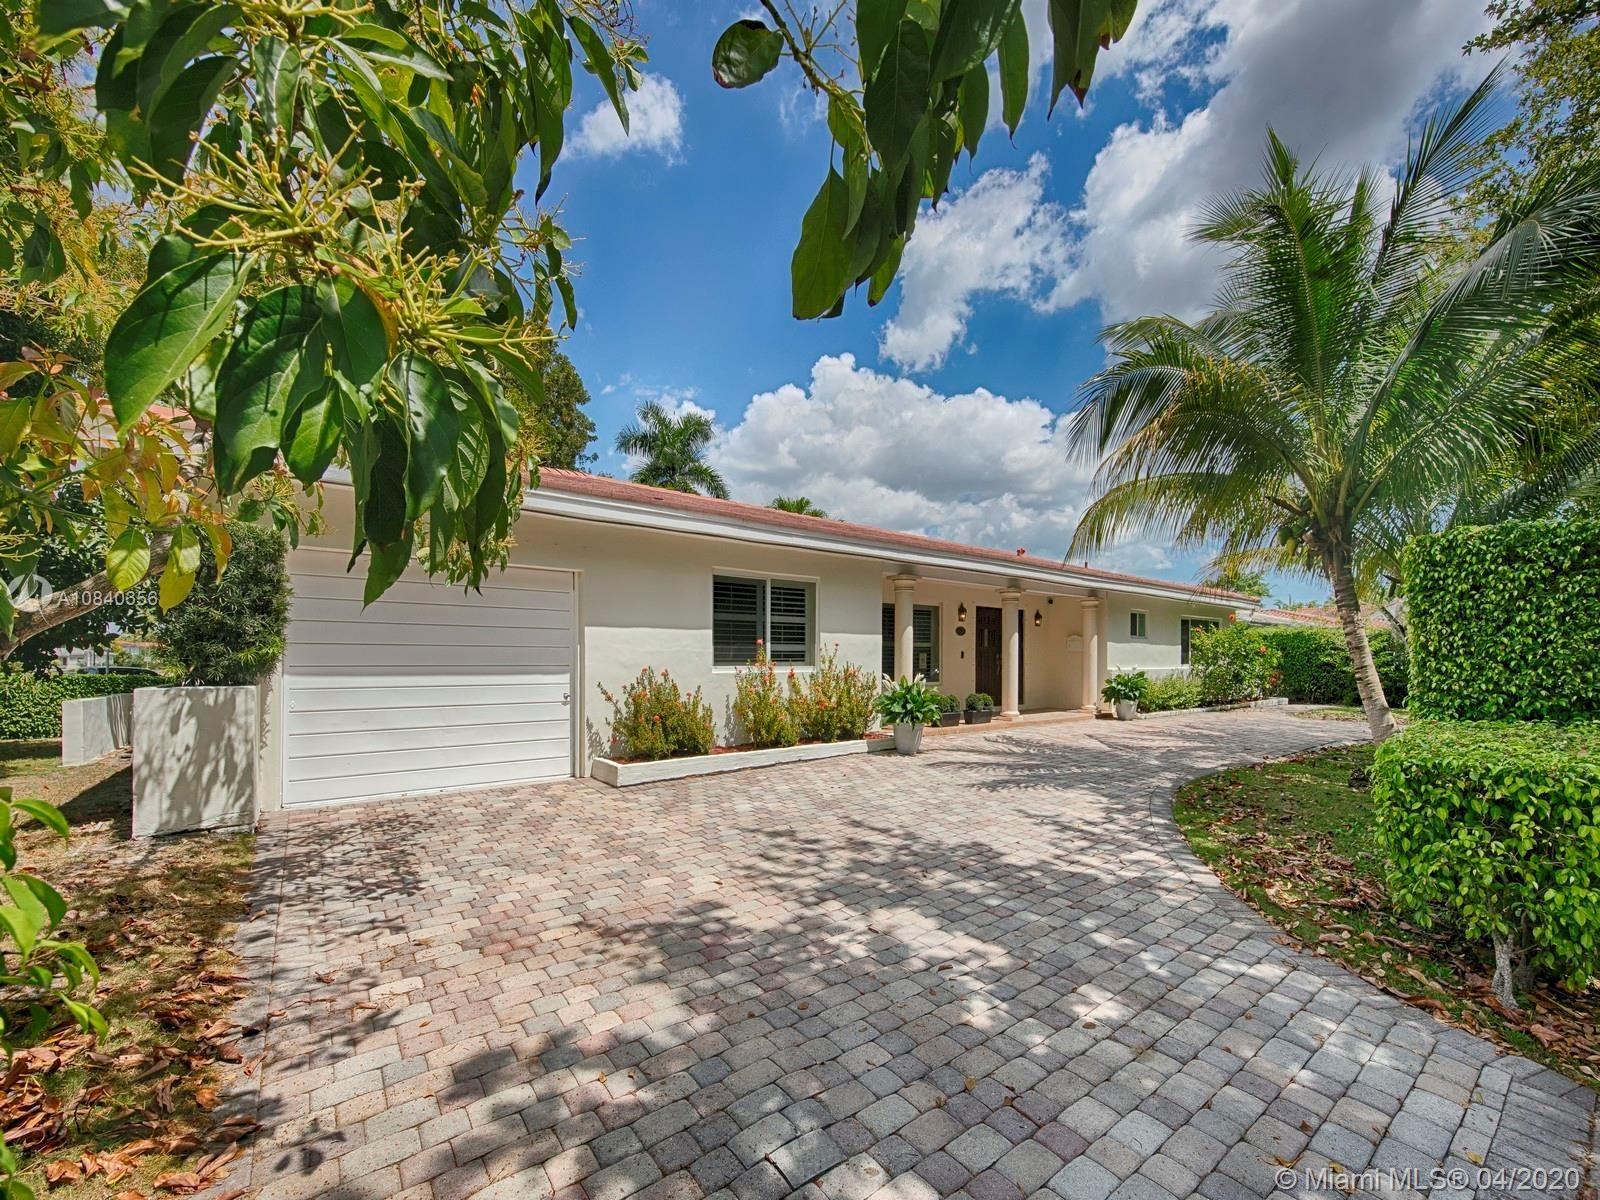 345 Romano Ave, Coral Gables, FL 33134 - #: A10840356